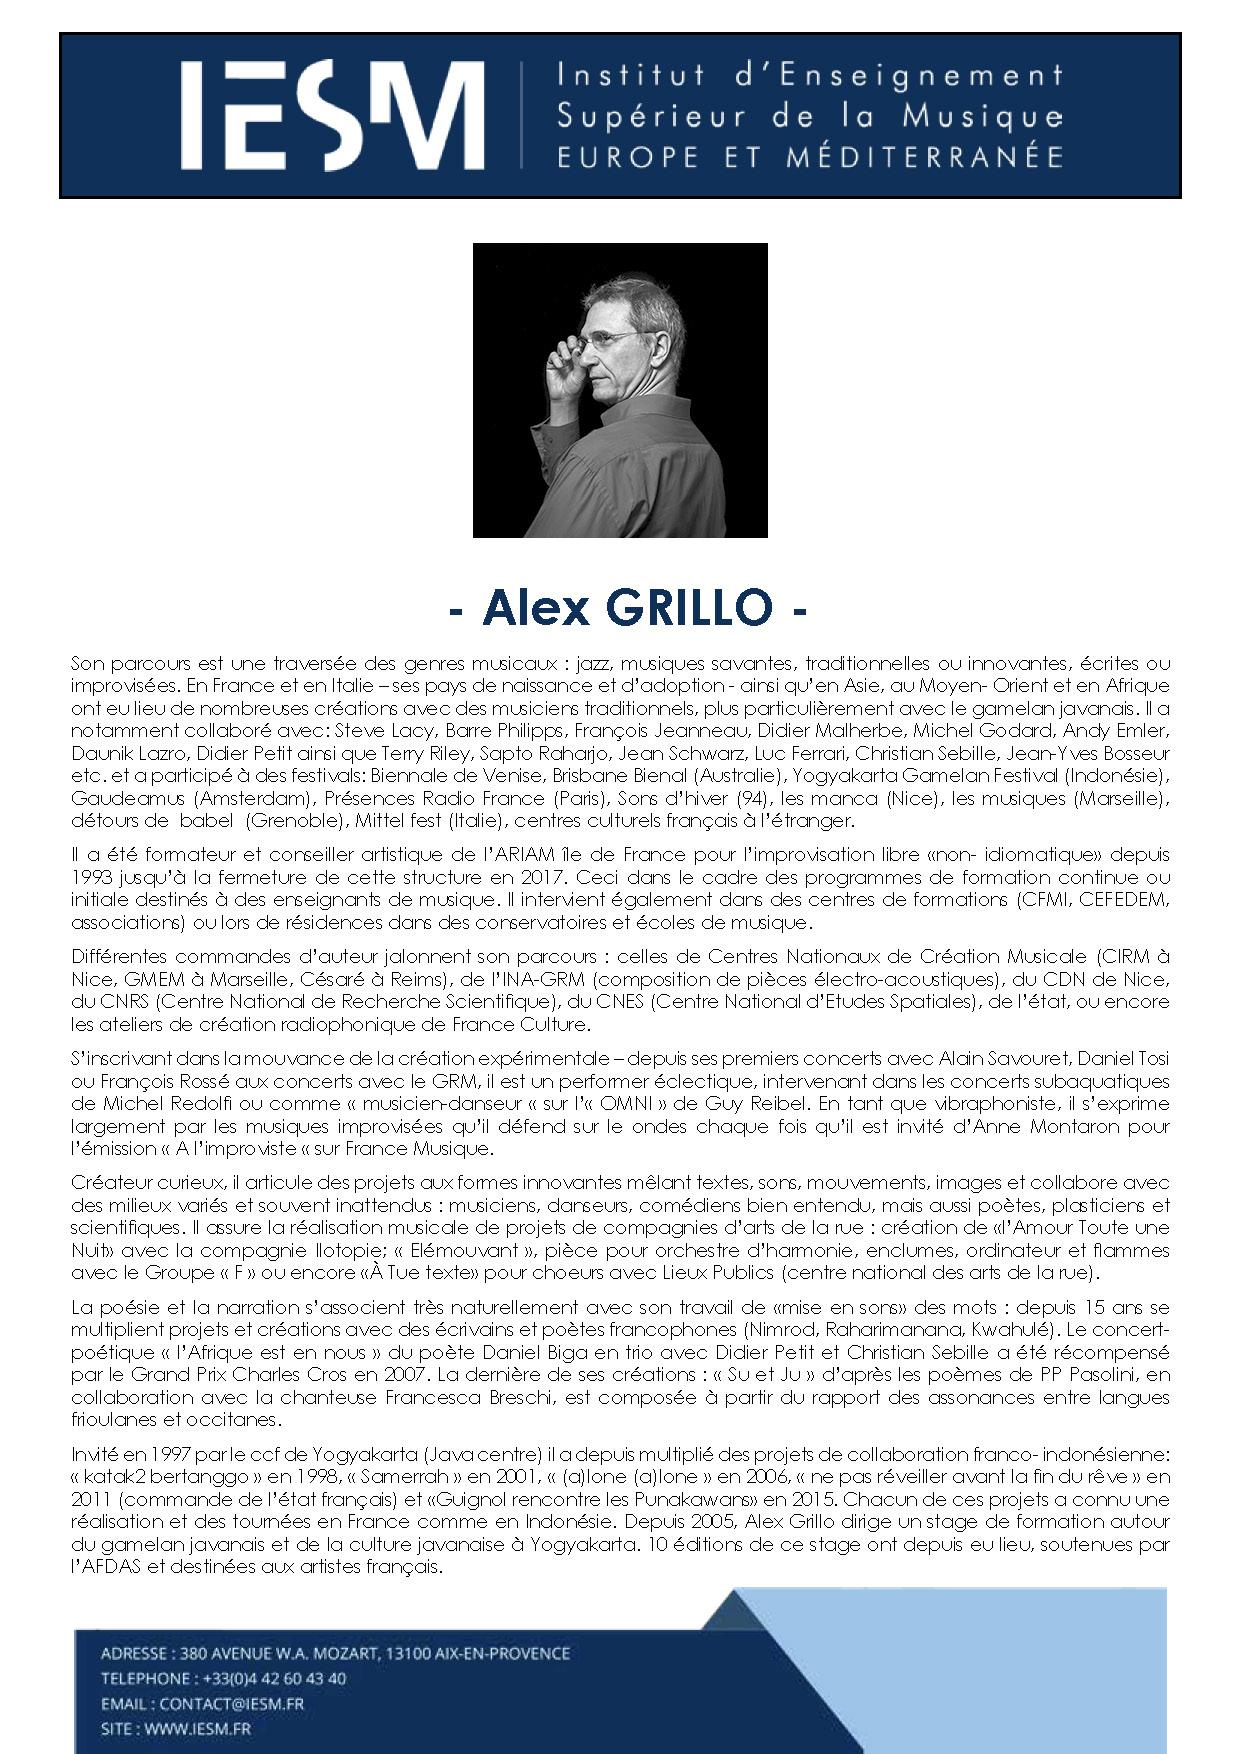 GRILL ALEXGRILLO